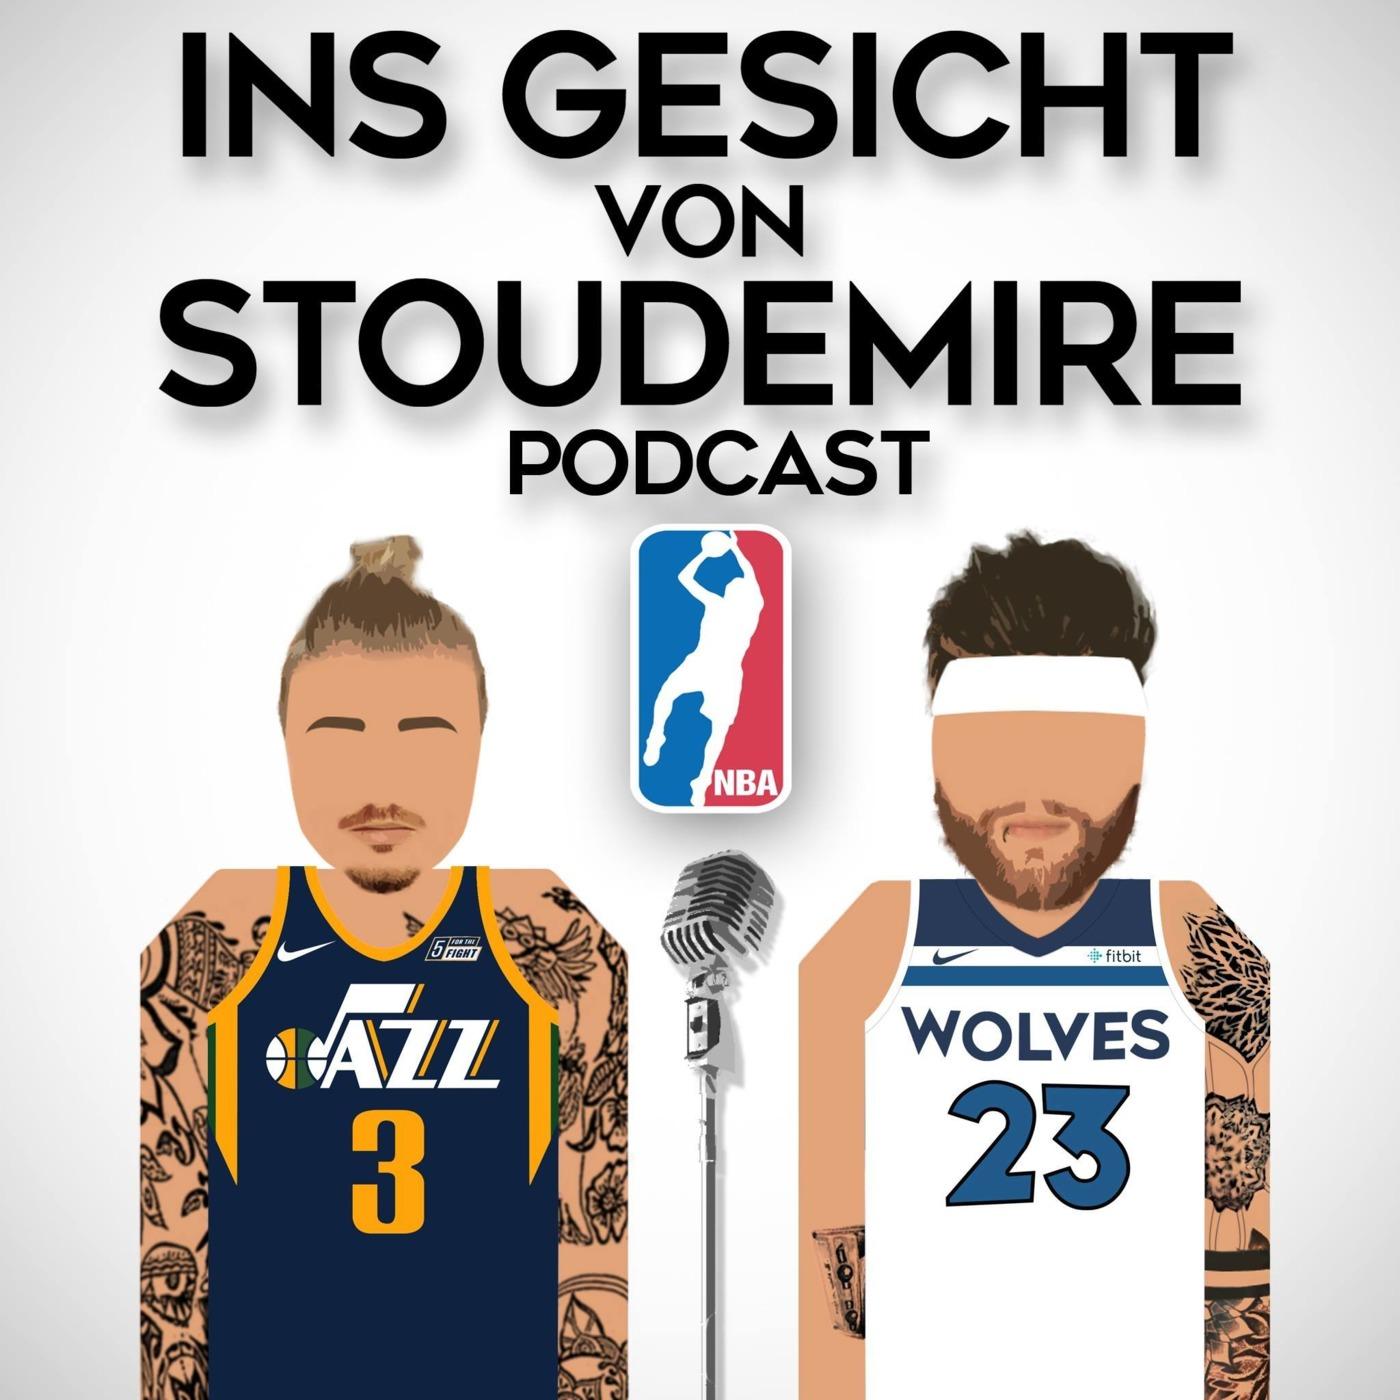 Ins Gesicht von Stoudemire - Der NBA Podcast